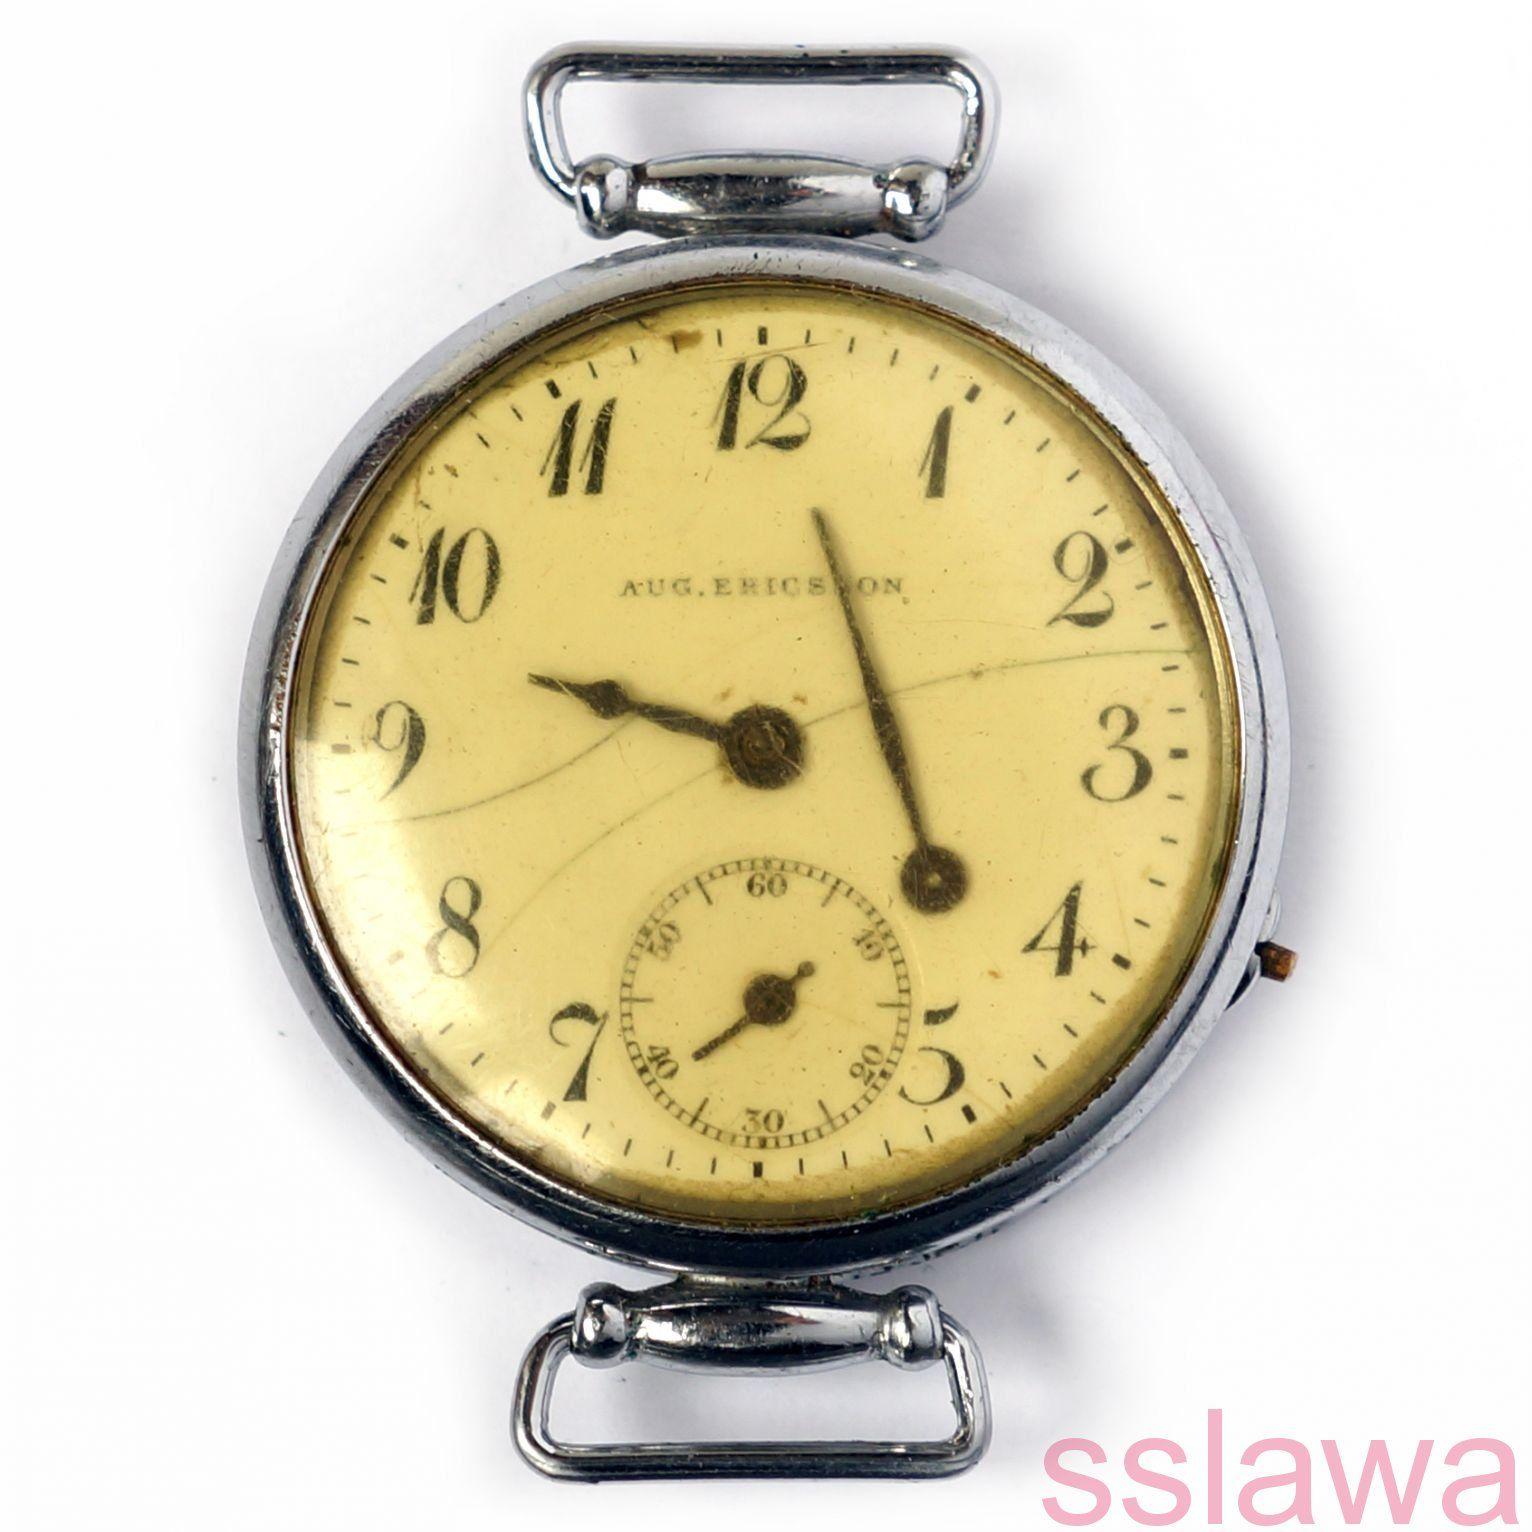 Часы швейцарские старинные продать a paris le roi продать часы